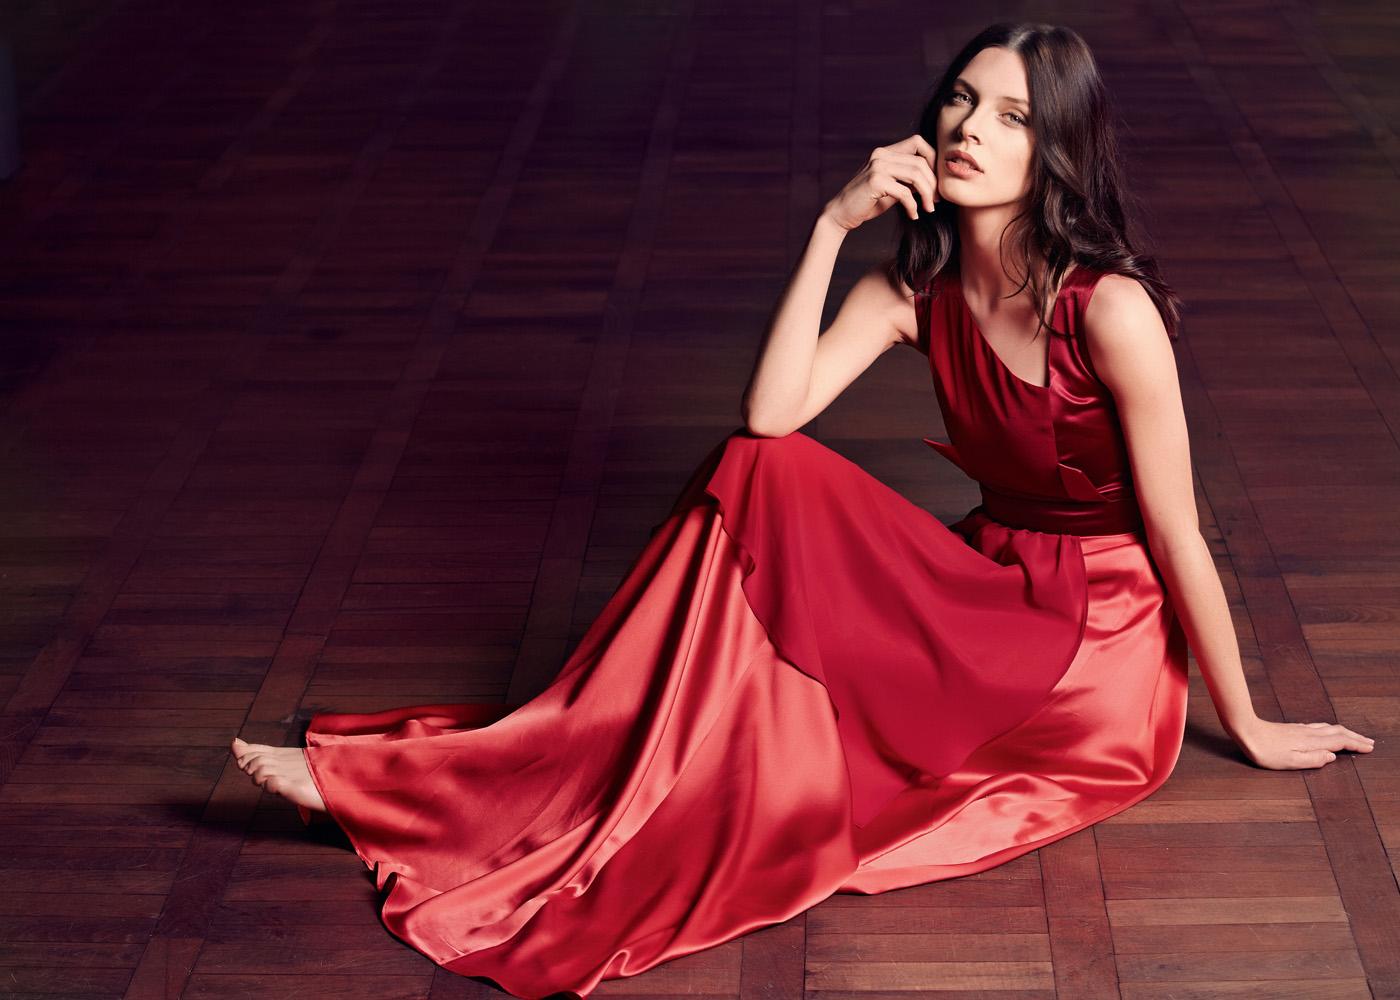 Фотосессия в красном платье образ